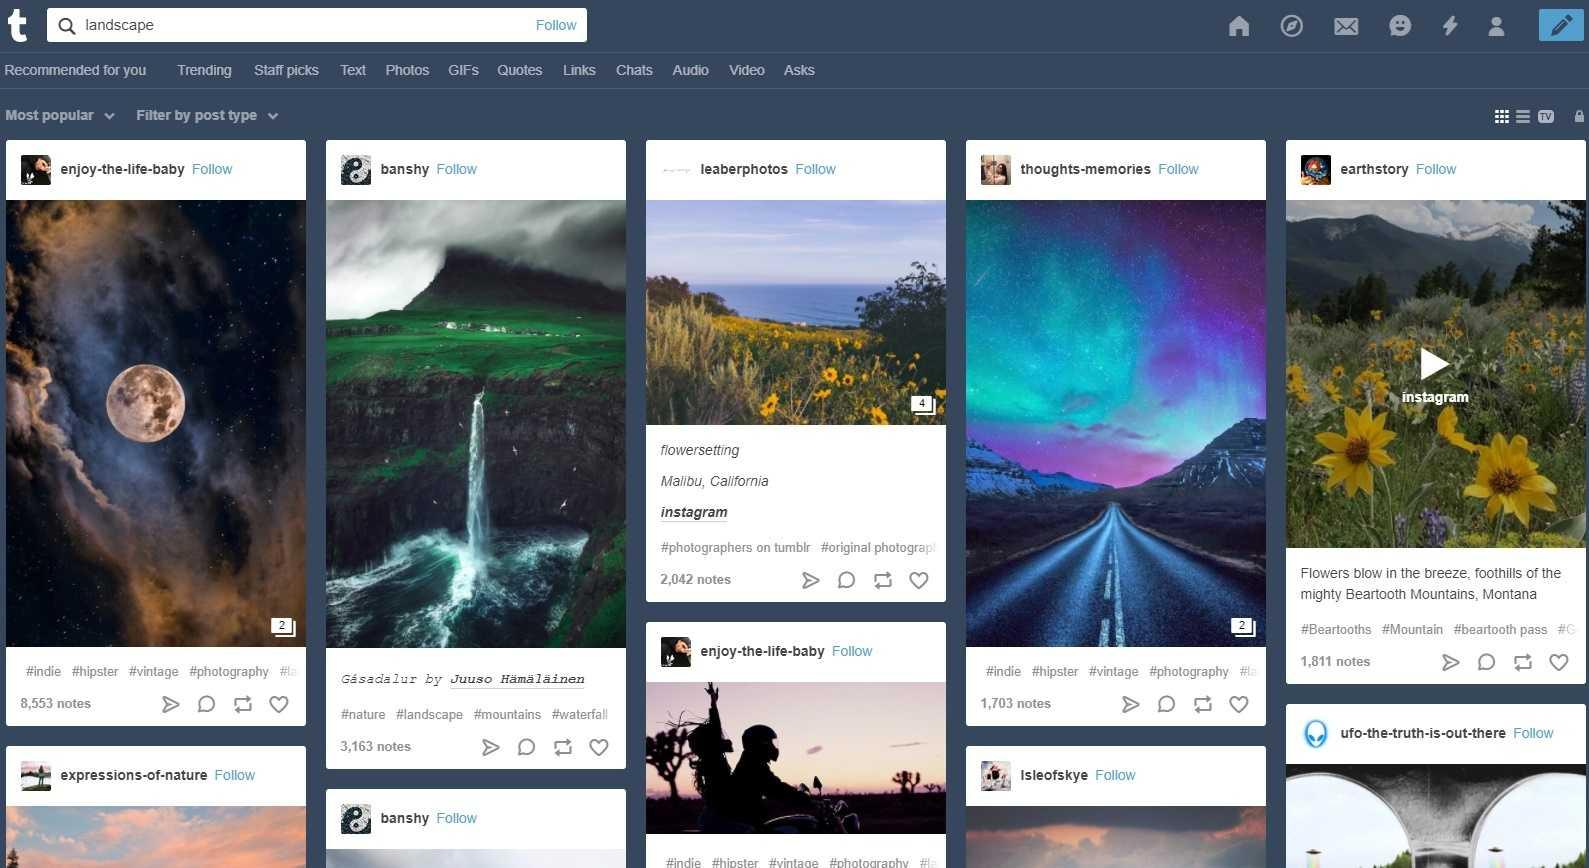 Bei Tumblr gibt es zum Beispiel auch schöne Landschaftsfotos.